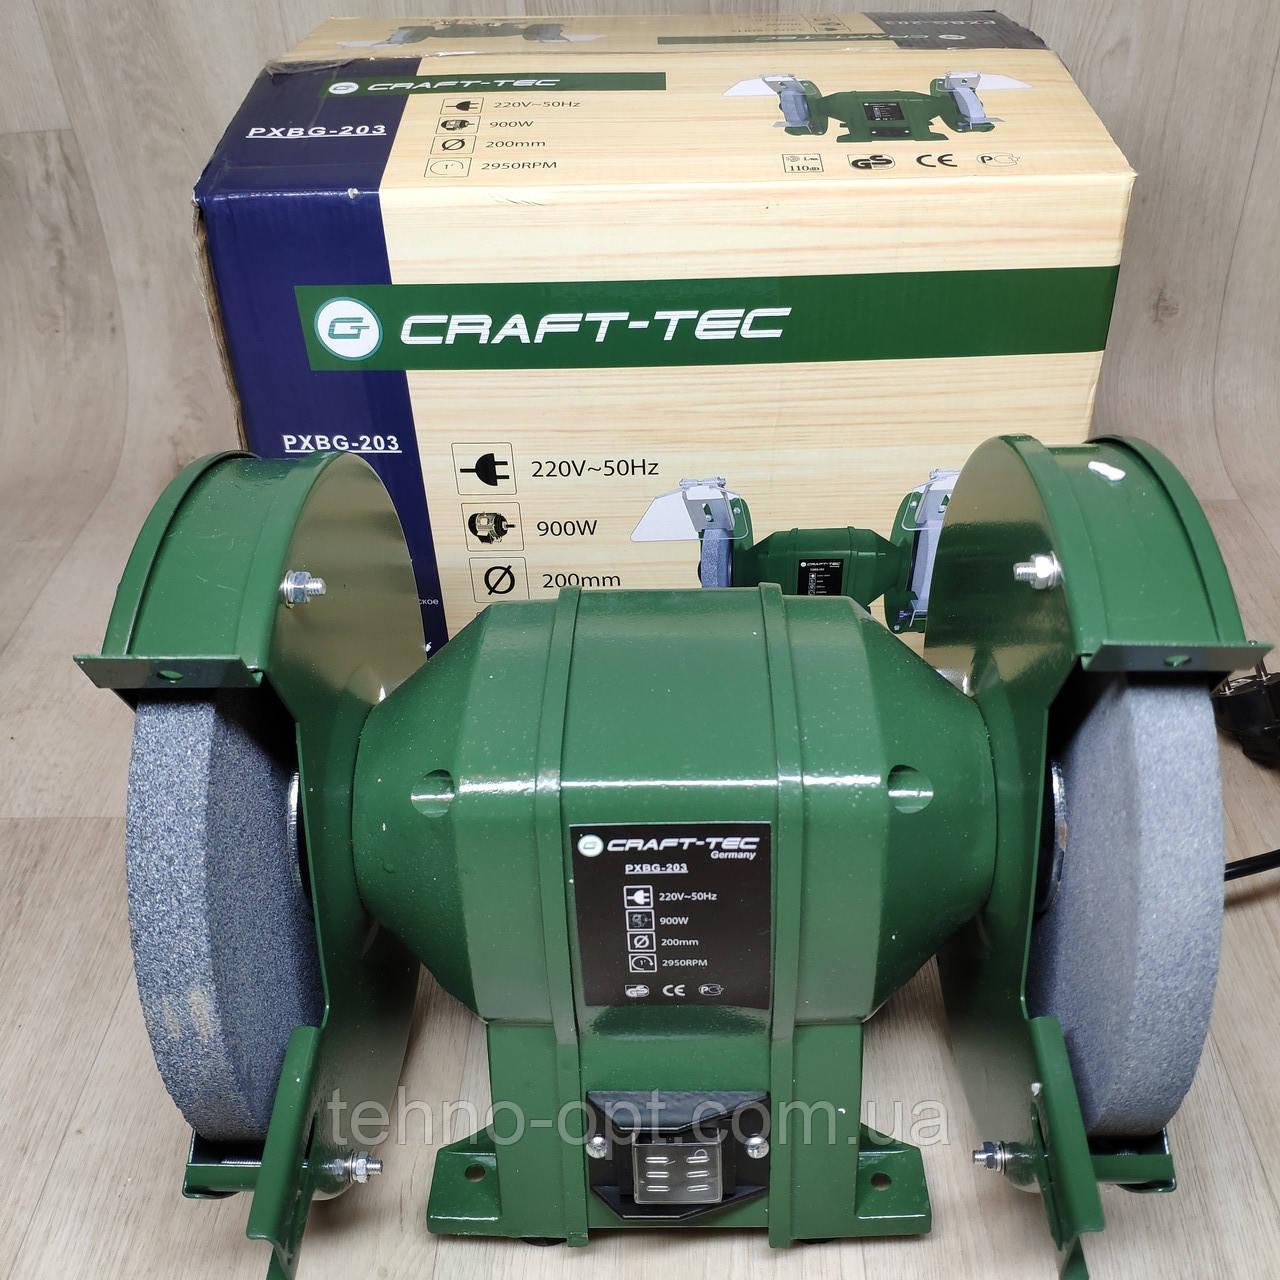 Точило электрическое Craft-tec ТЭ-200